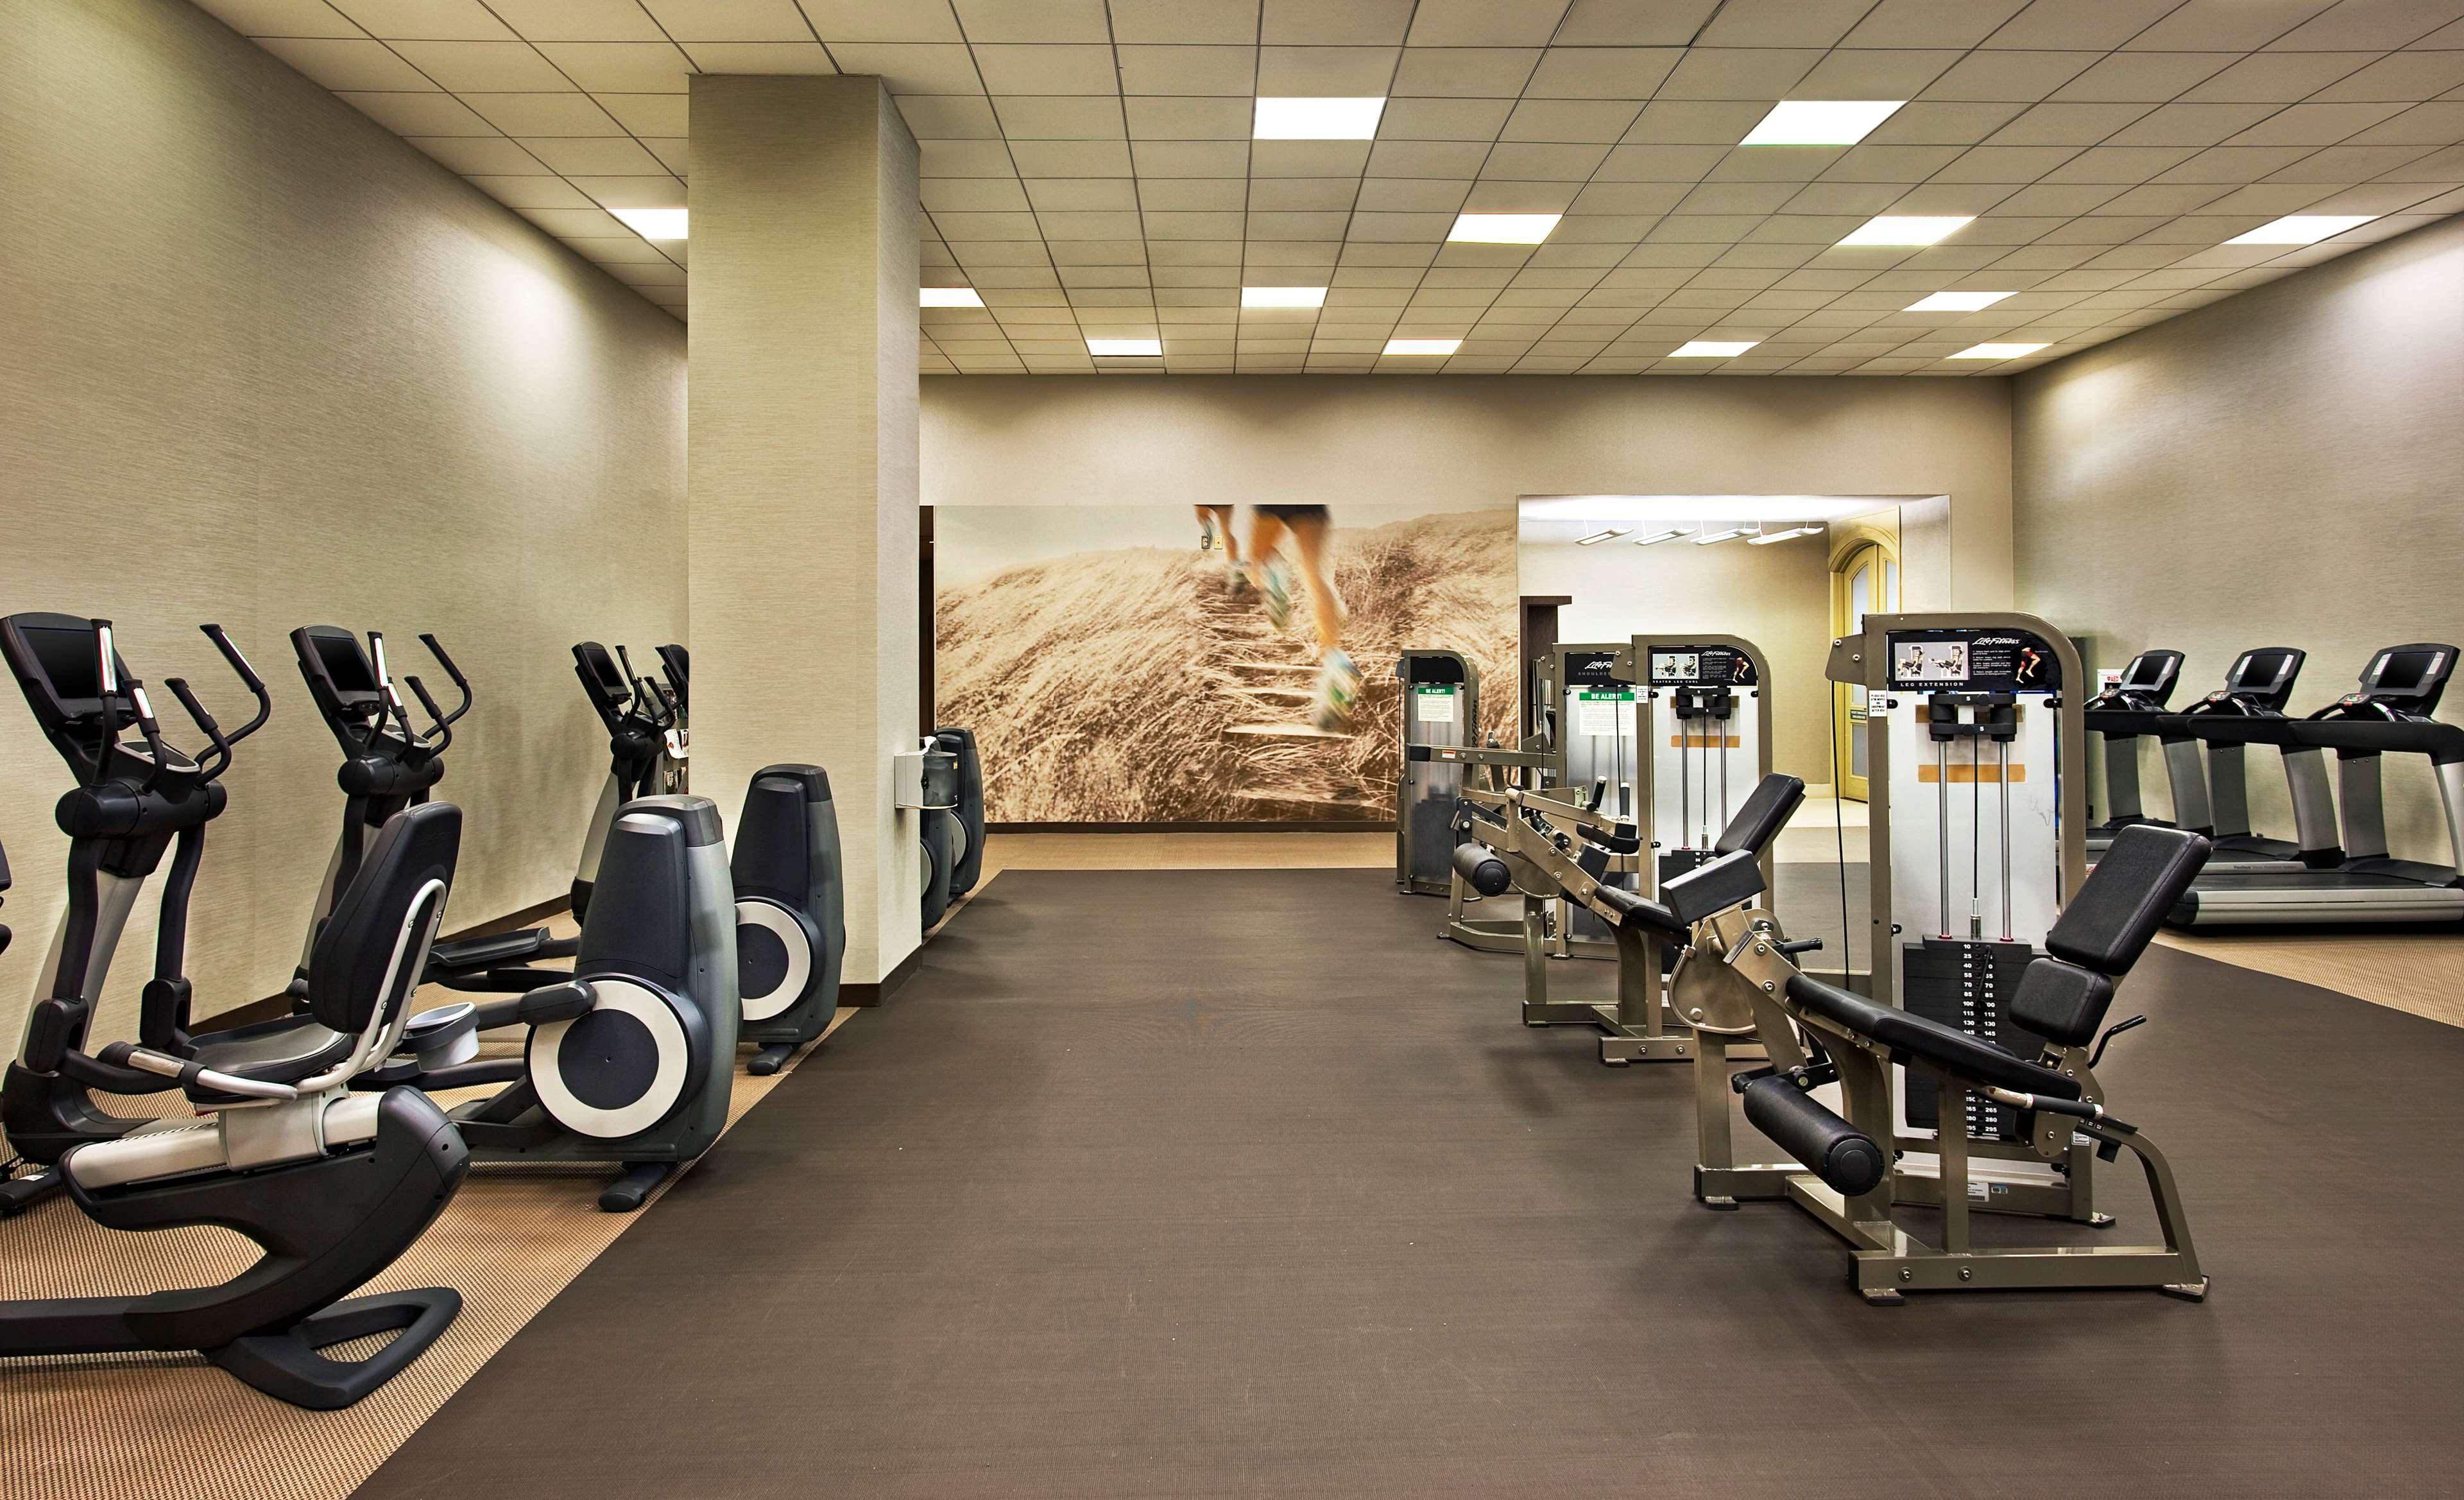 The Westin Galleria Houston image 4